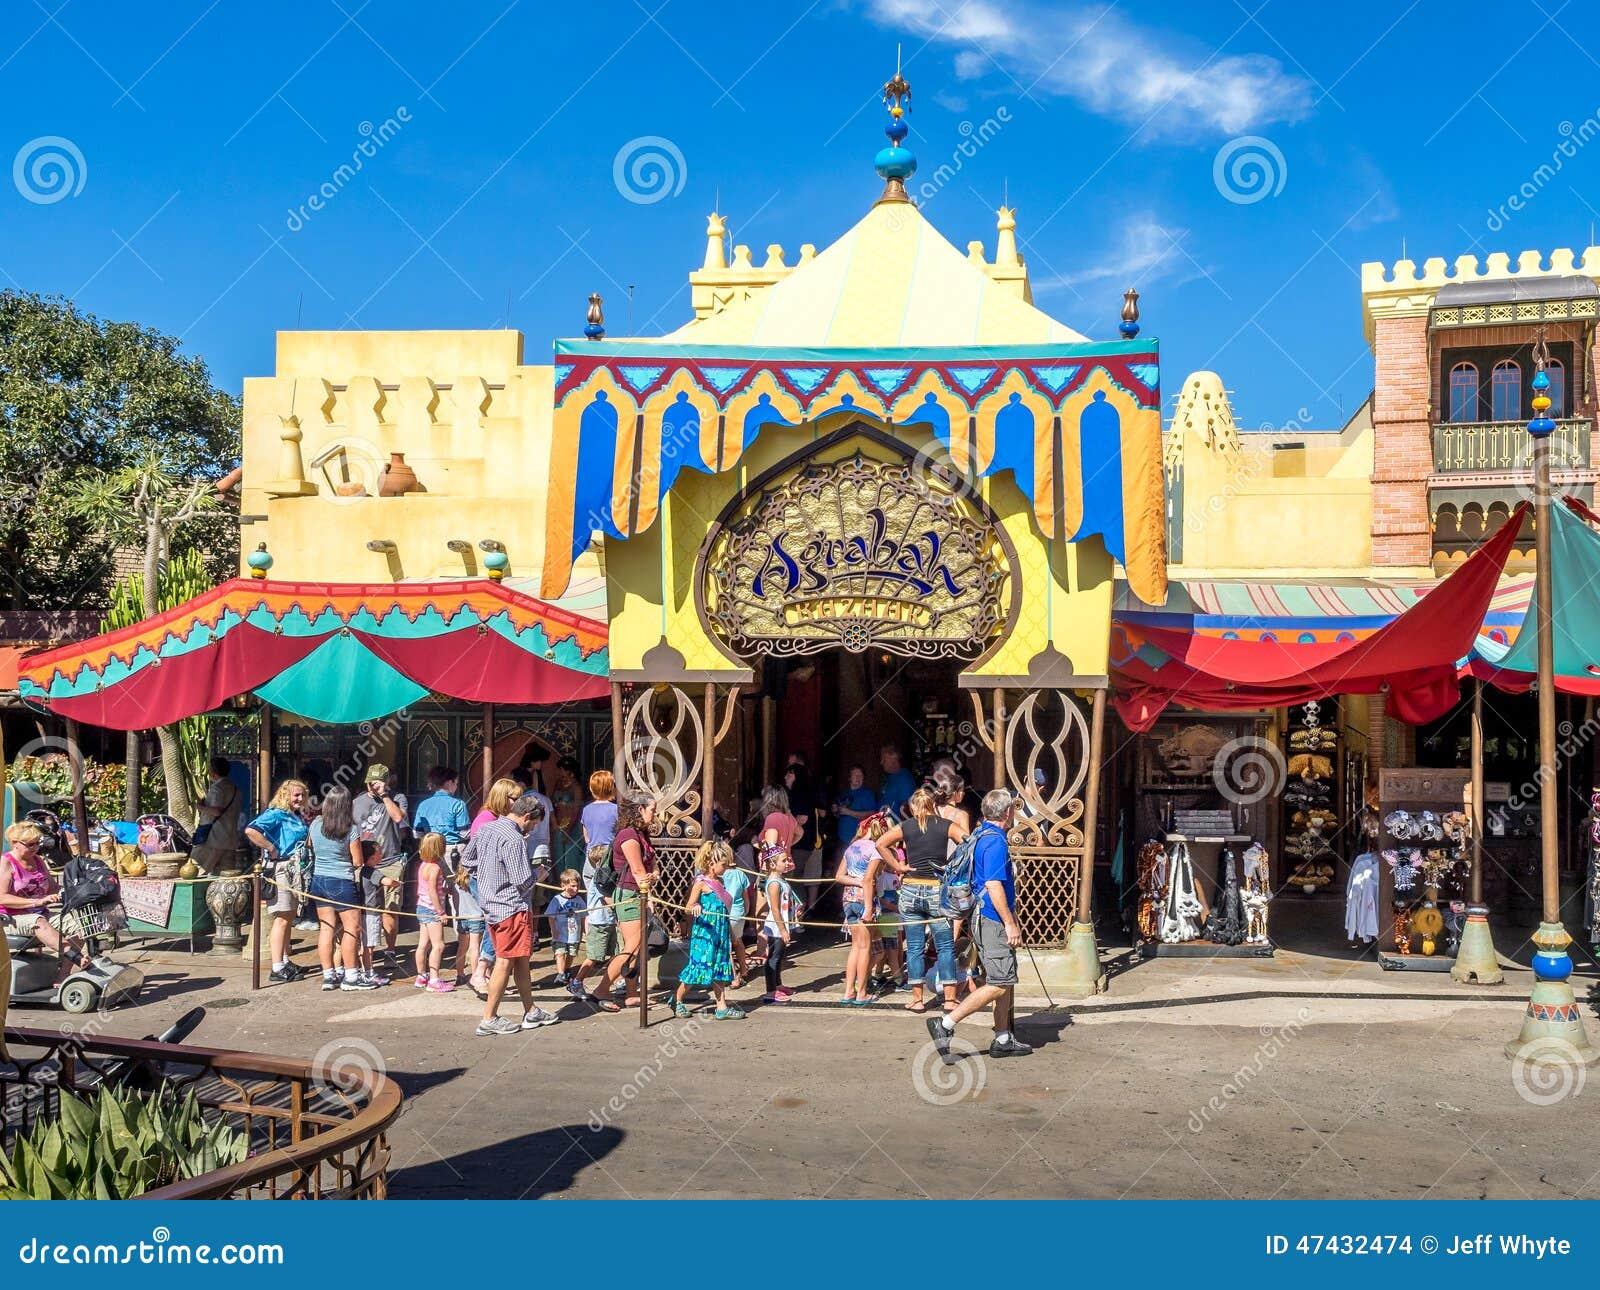 Hotels In Magic Kingdom Orlando Fl